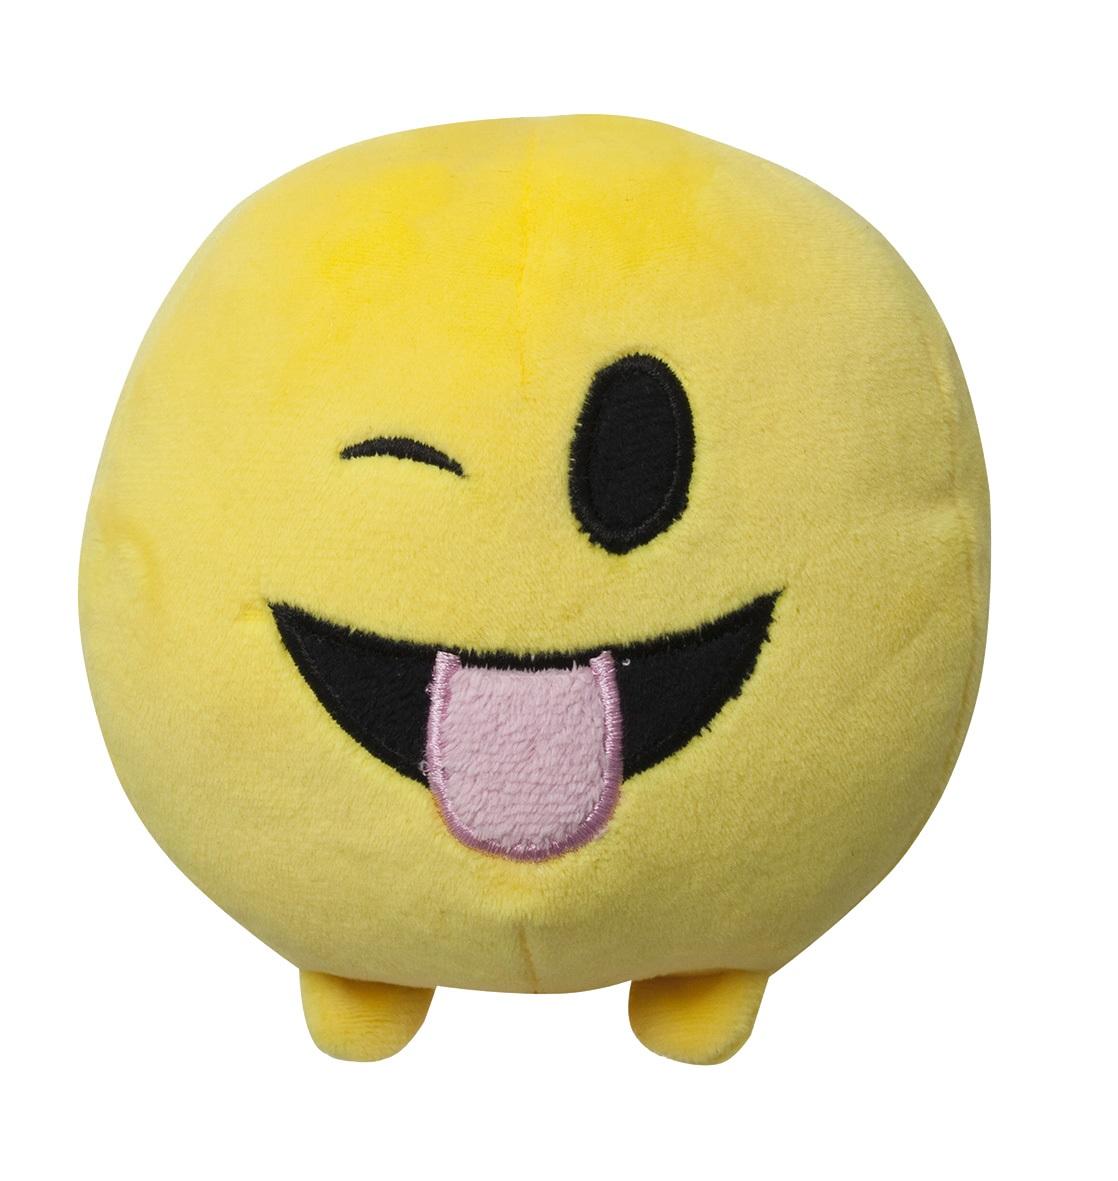 Мягкая игрушка Imoji. Дразнится (11 см)